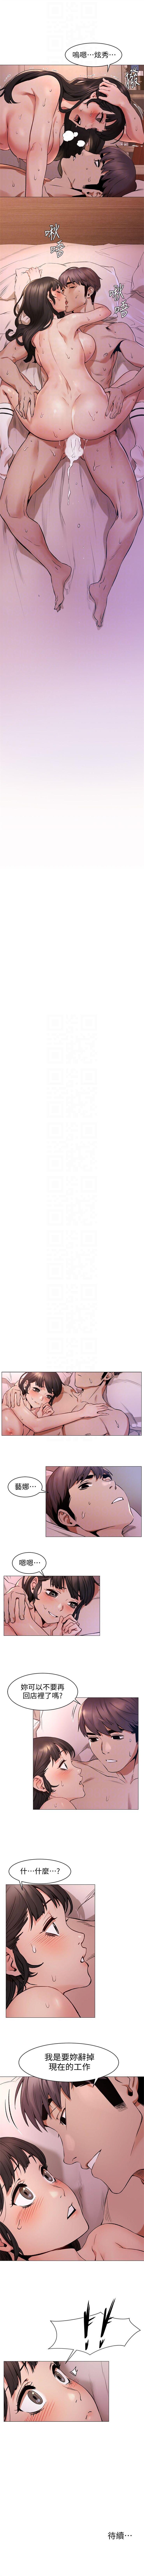 衝突 1-100官方中文(連載中) 388